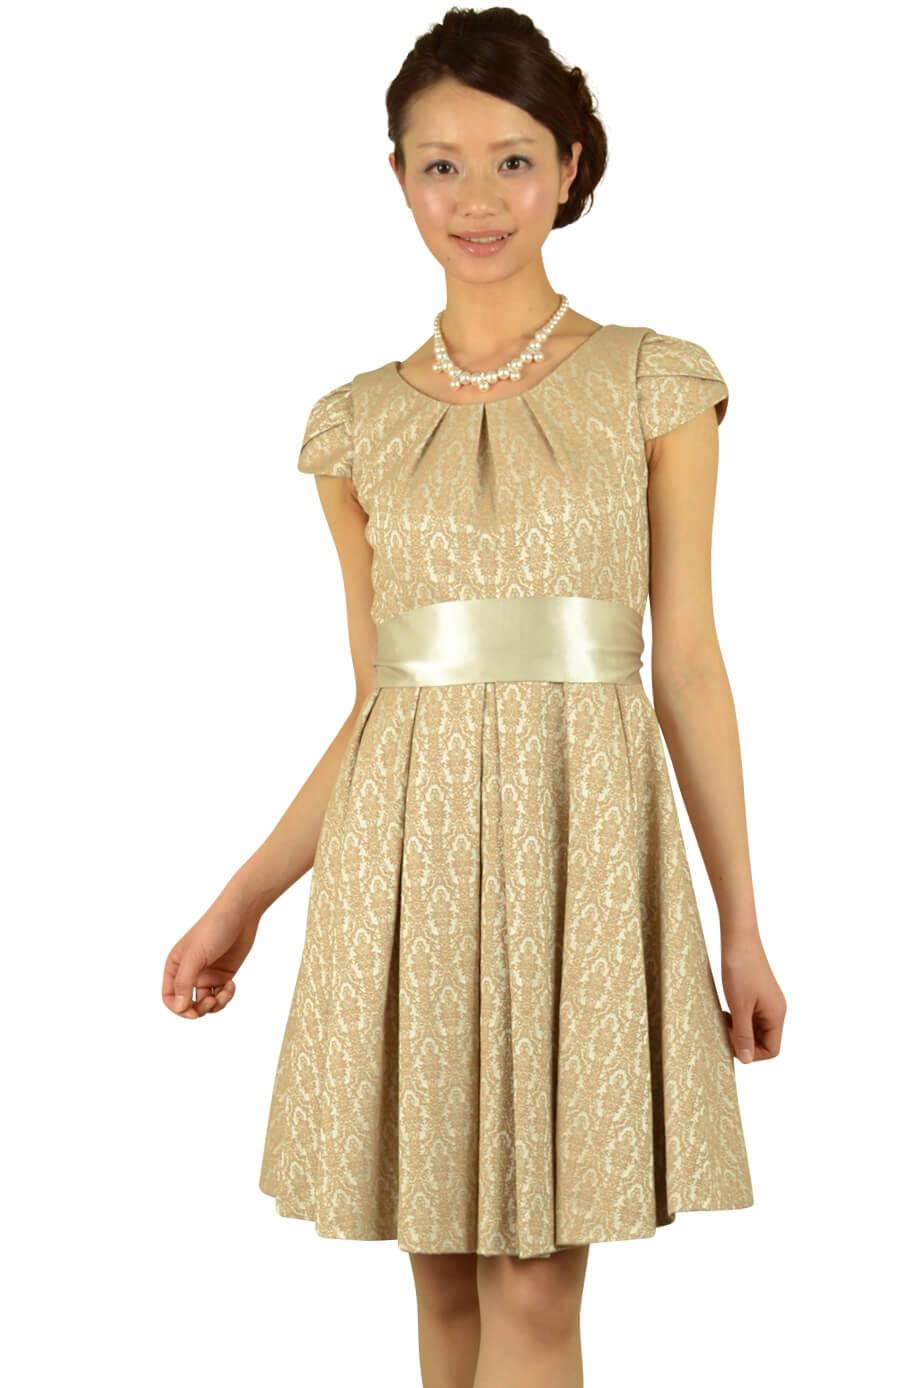 ラズベリーベレット (RASPBERRY BERET)ベージュジャガードドレス